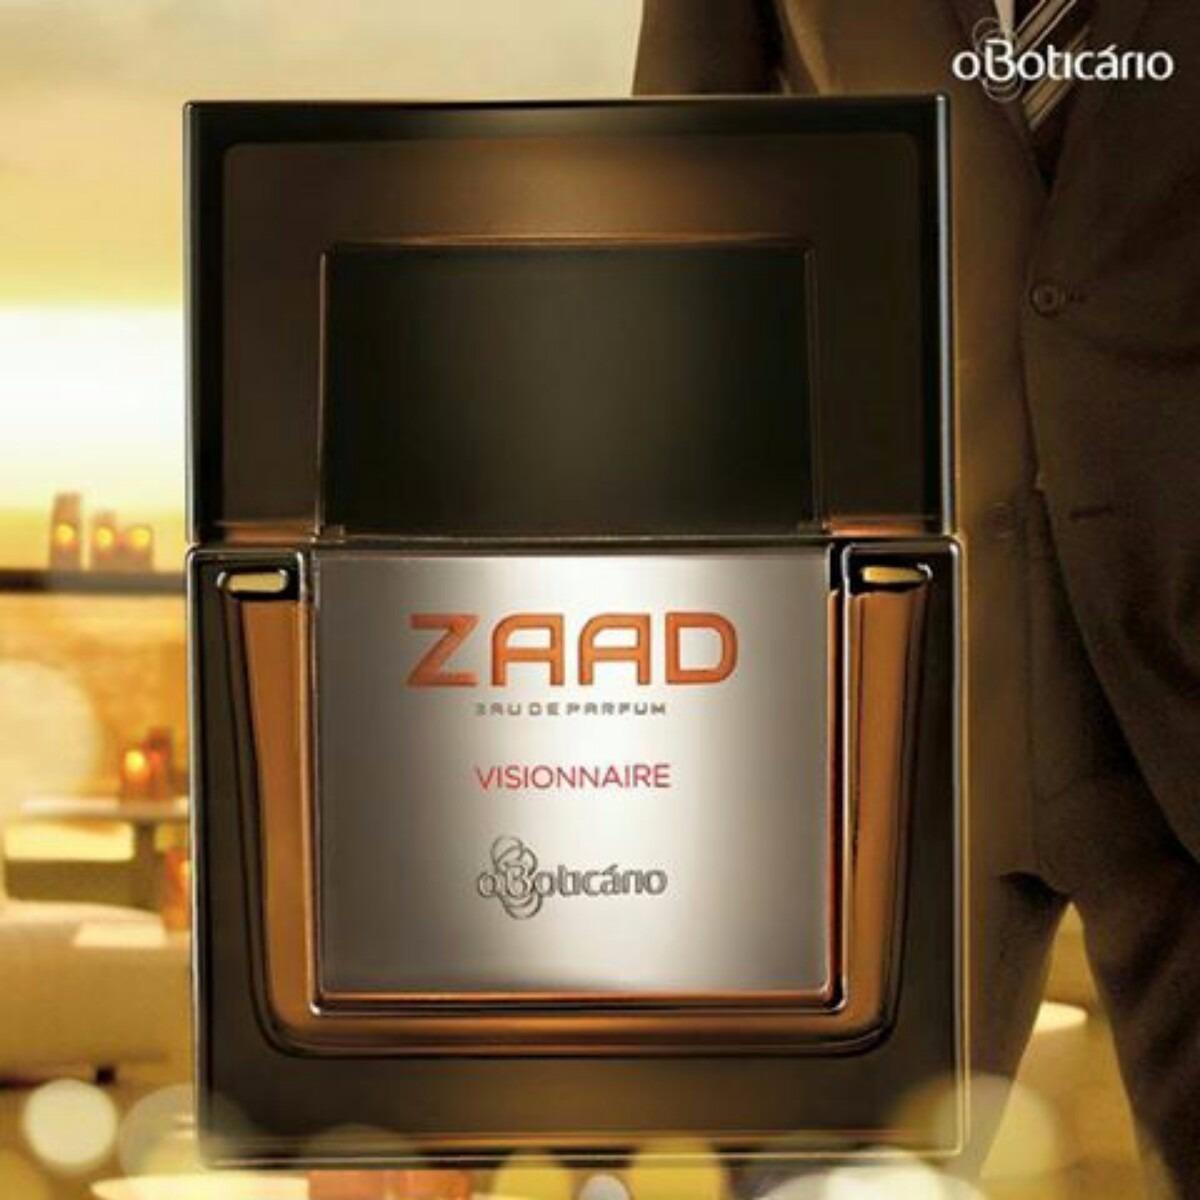 474c97a83 Fotos – Zaad Visionnaire. perfume zaad visionnaire 01.  perfume zaad visionnaire 02. perfume zaad visionnaire 03.  perfume zaad visionnaire 04